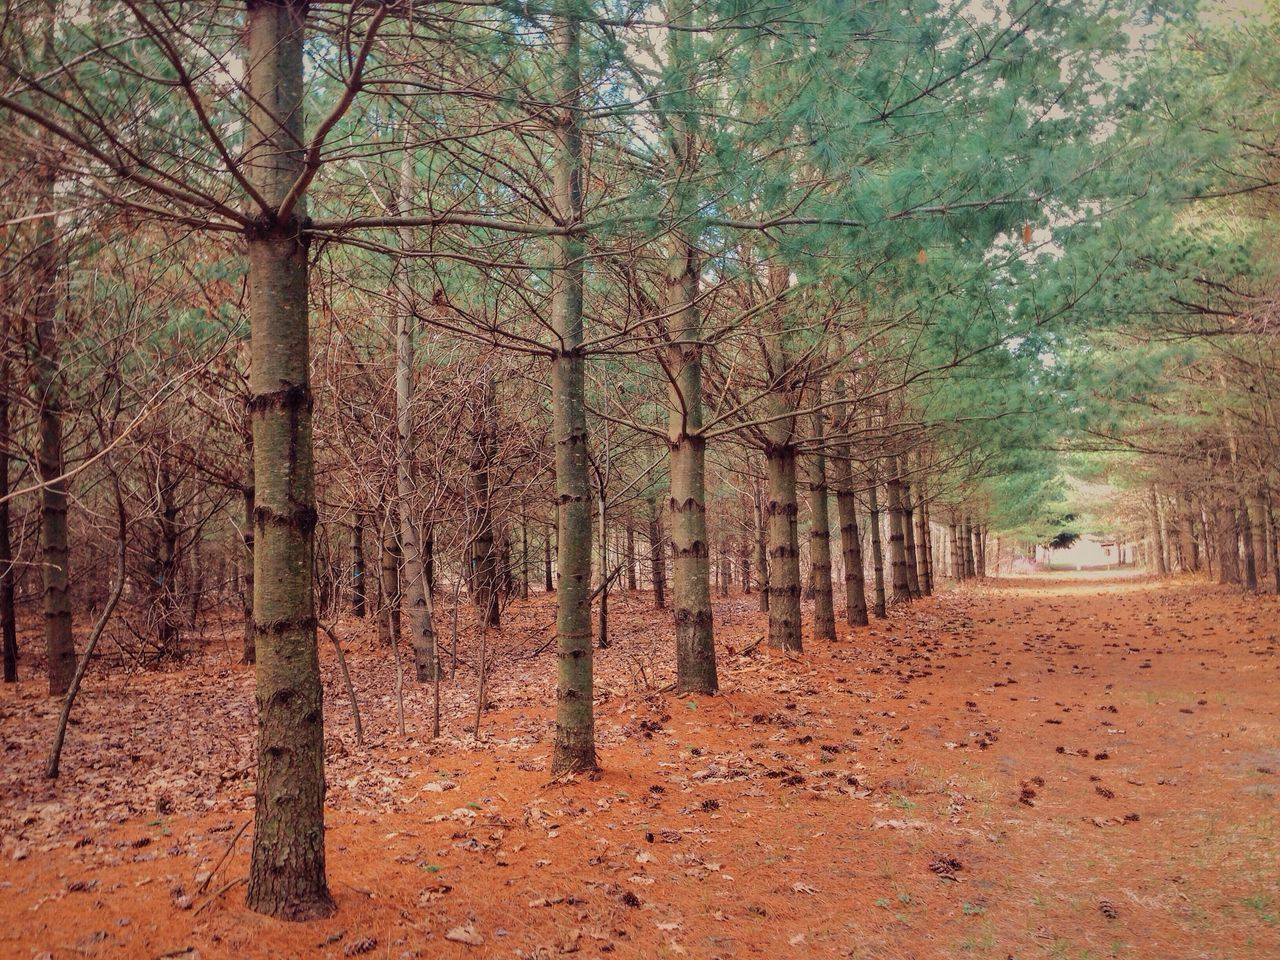 TREELINED FOOTPATH ALONG TREES